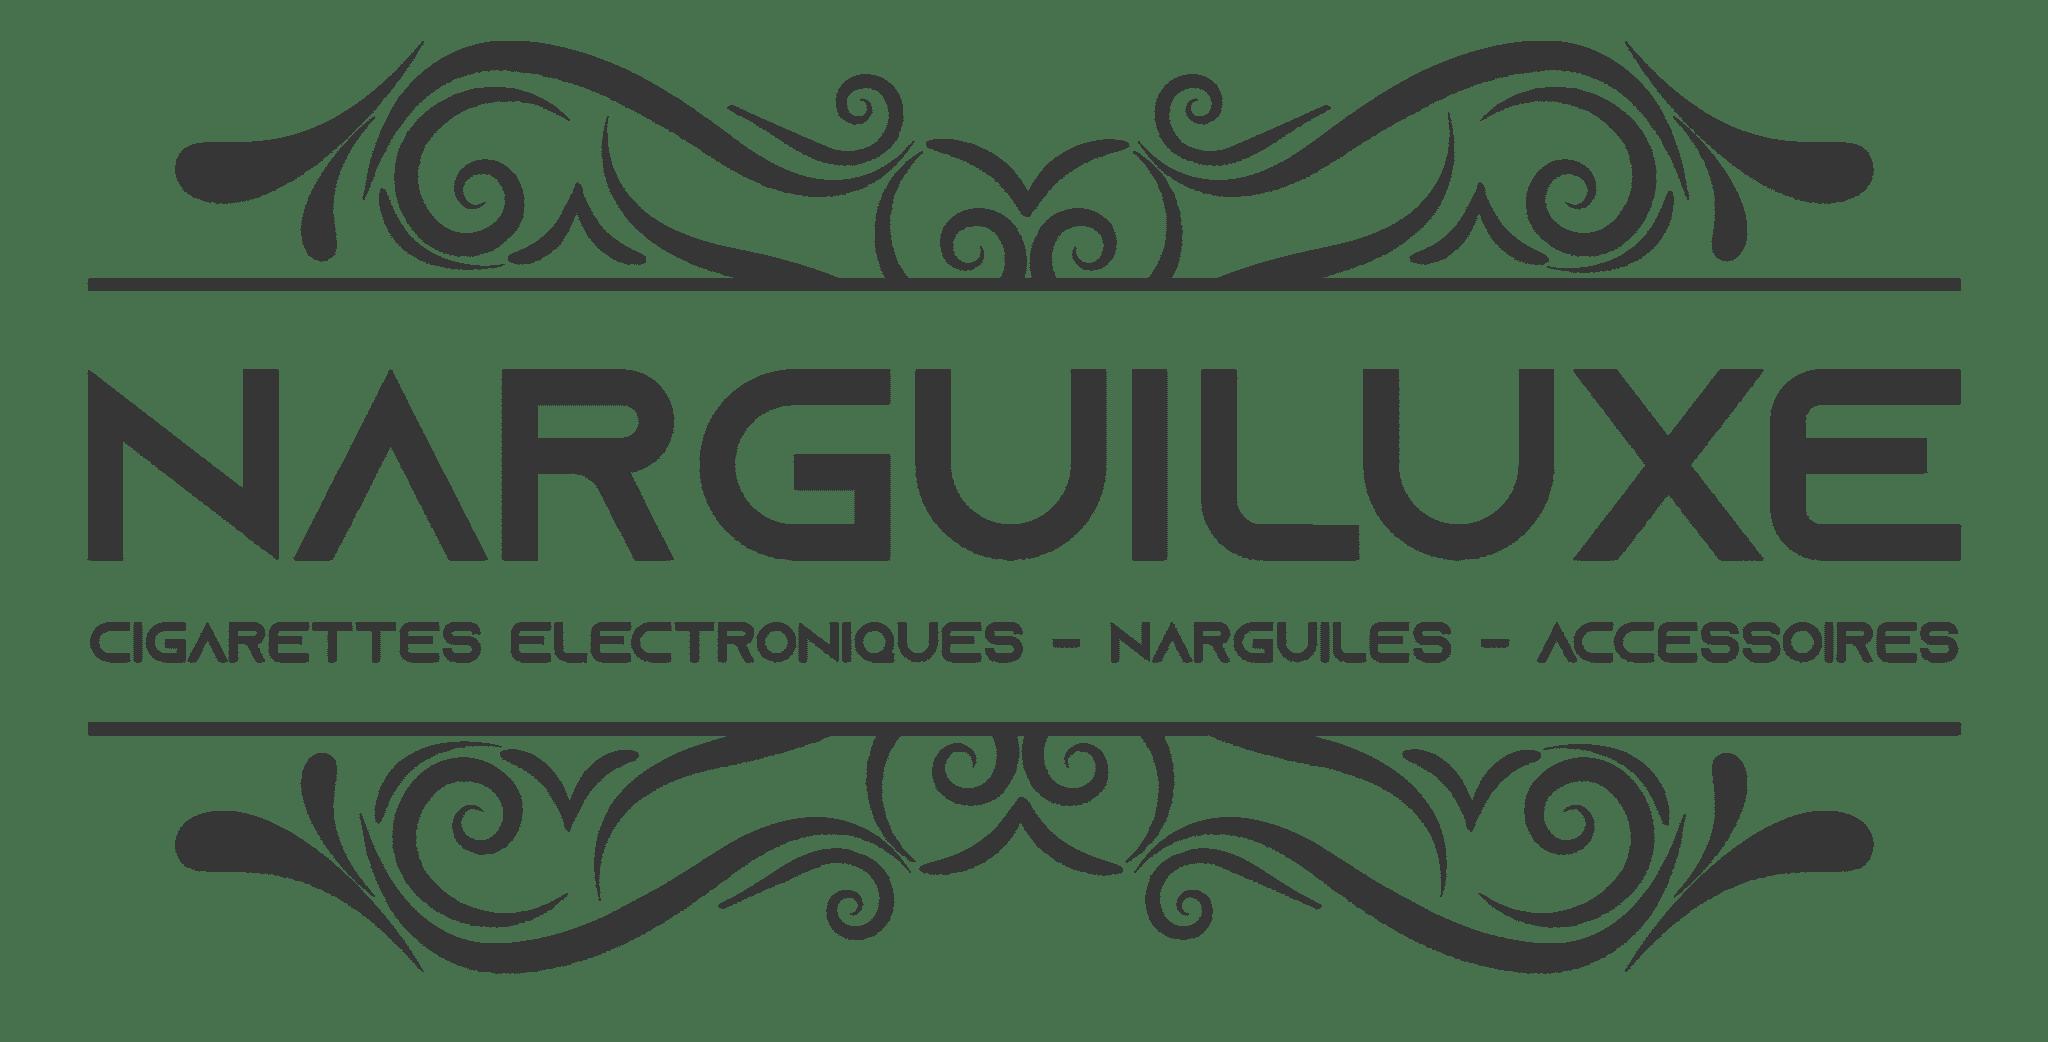 LOGO NARGUILUXE.COM